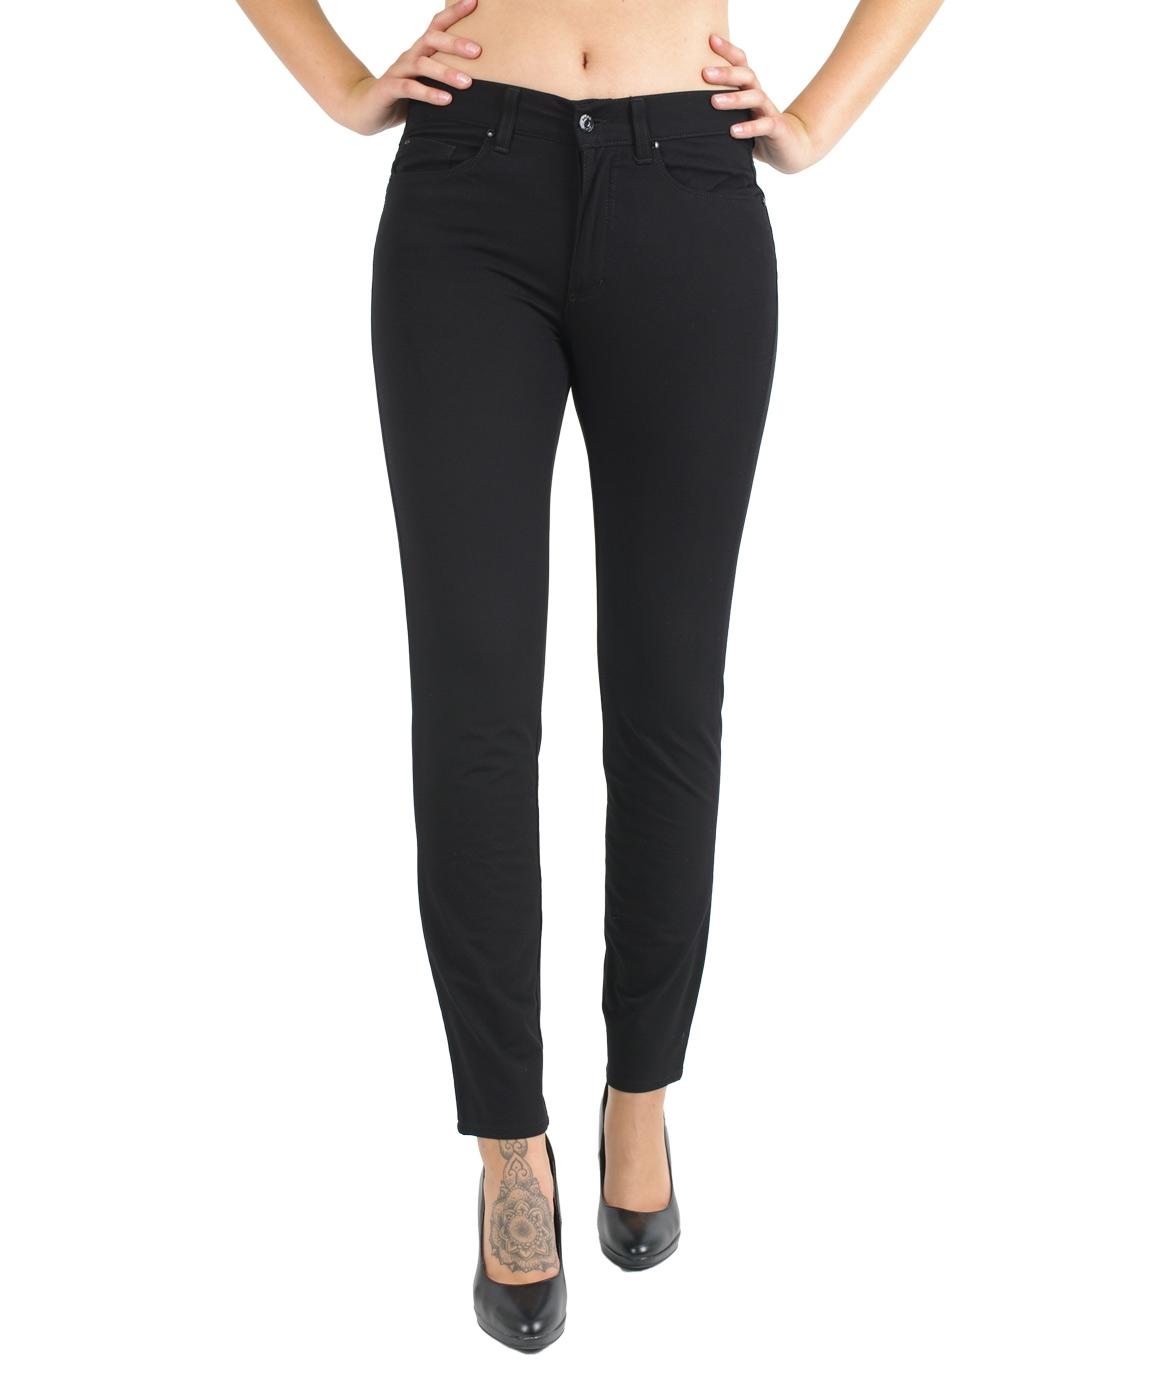 Hosen - Angels Jeans Röhre Skinny in Jet Black  - Onlineshop Jeans Meile